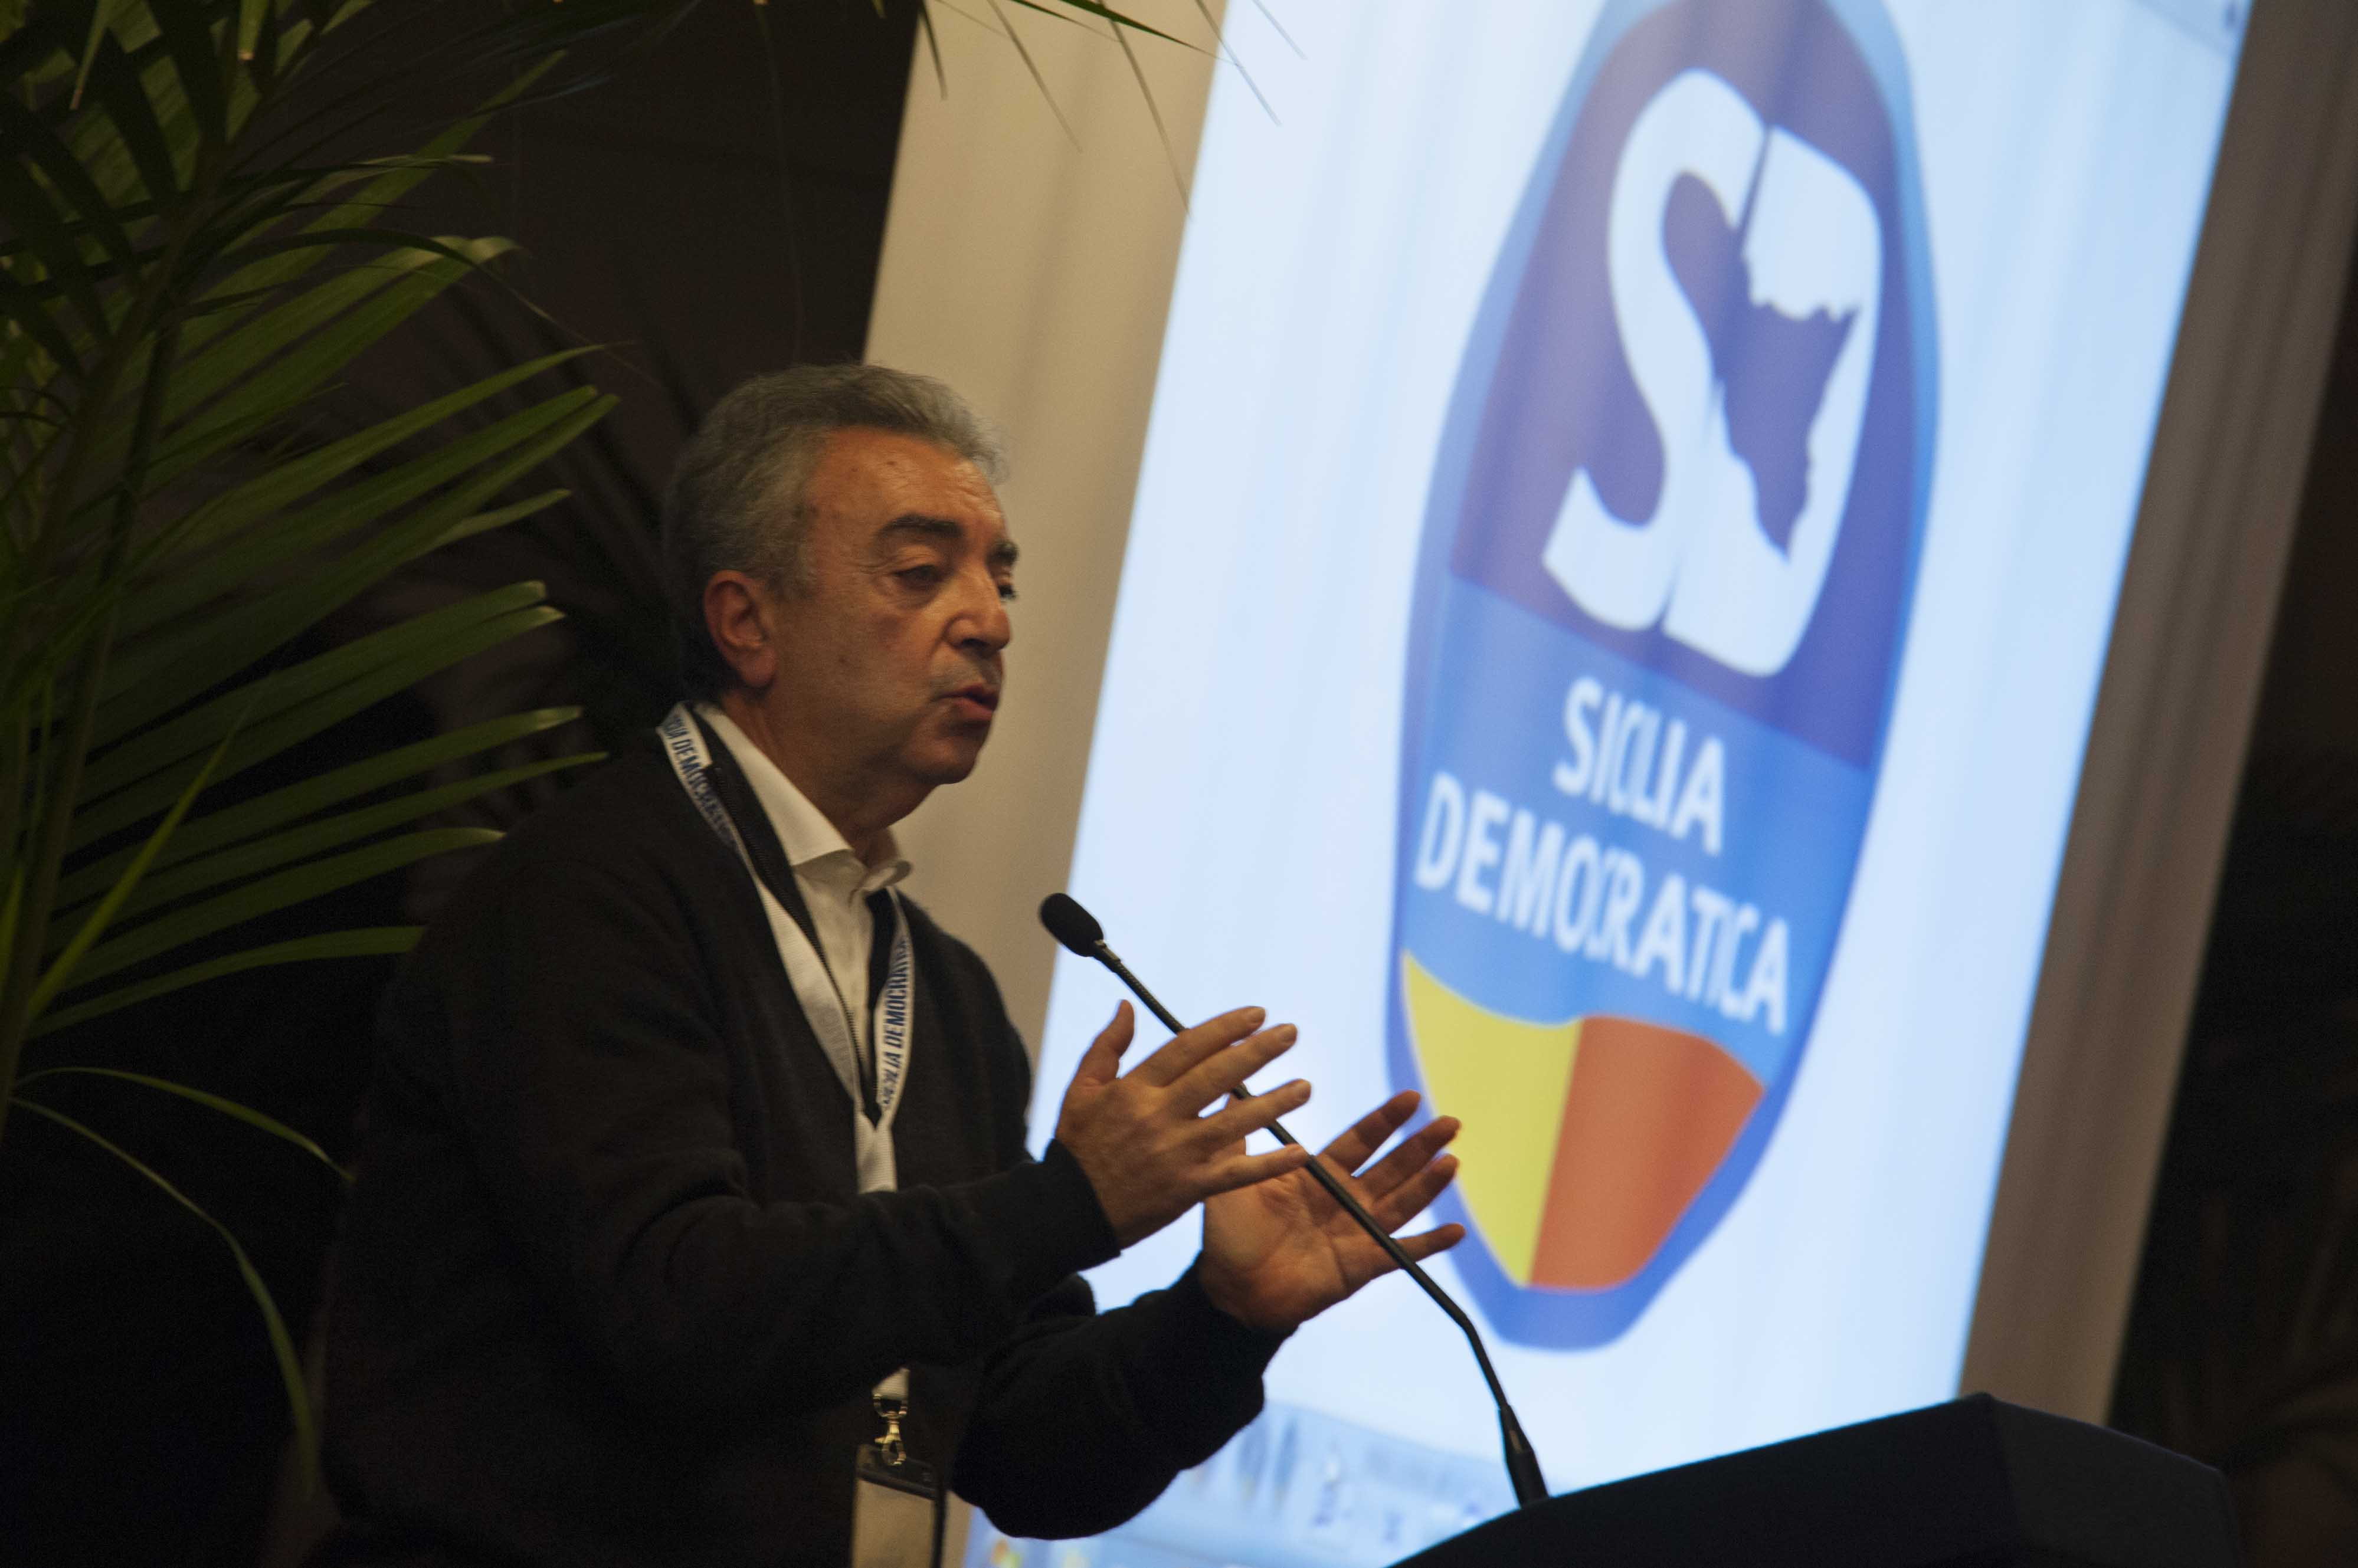 Sicilia Democratica, Leanza eletto per acclamazione segretario politico